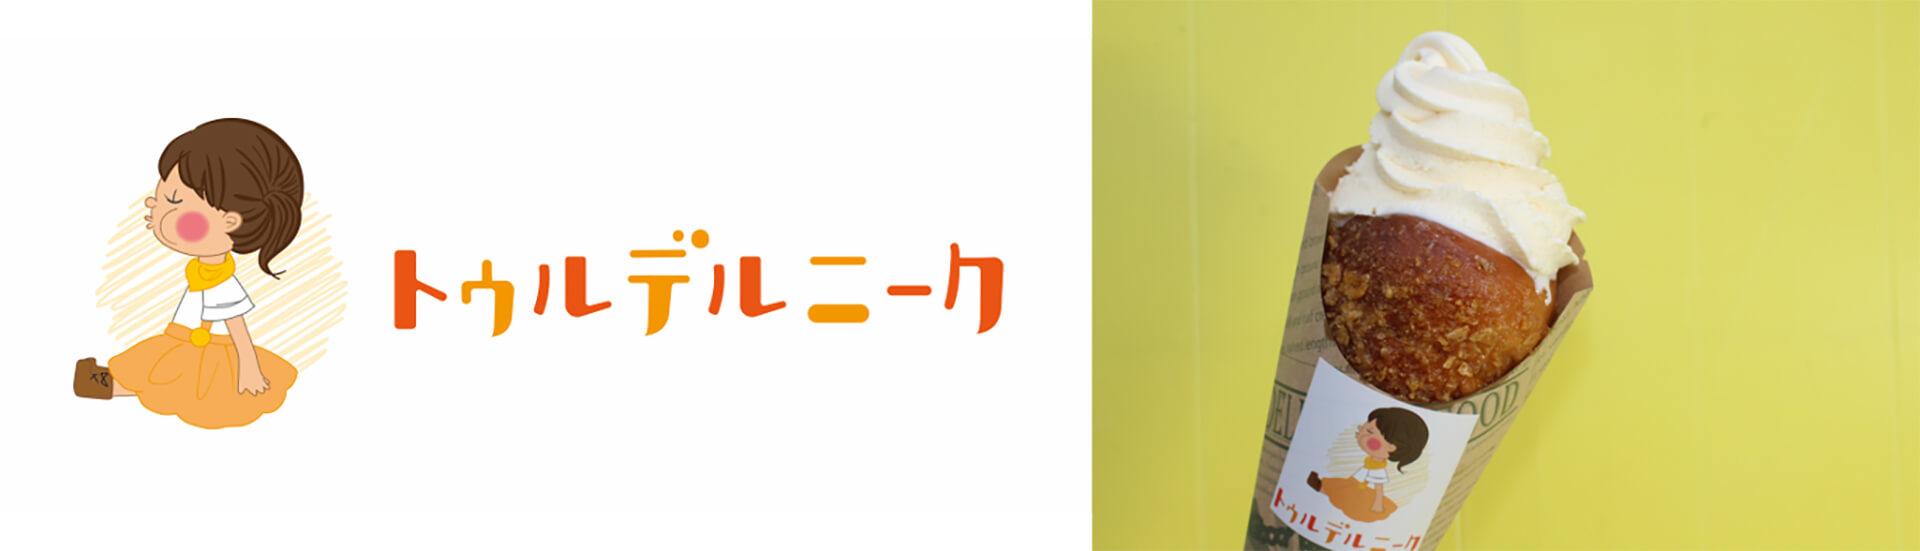 青山アイスクリームパークに参加する、トゥルデルニークのロゴと商品です